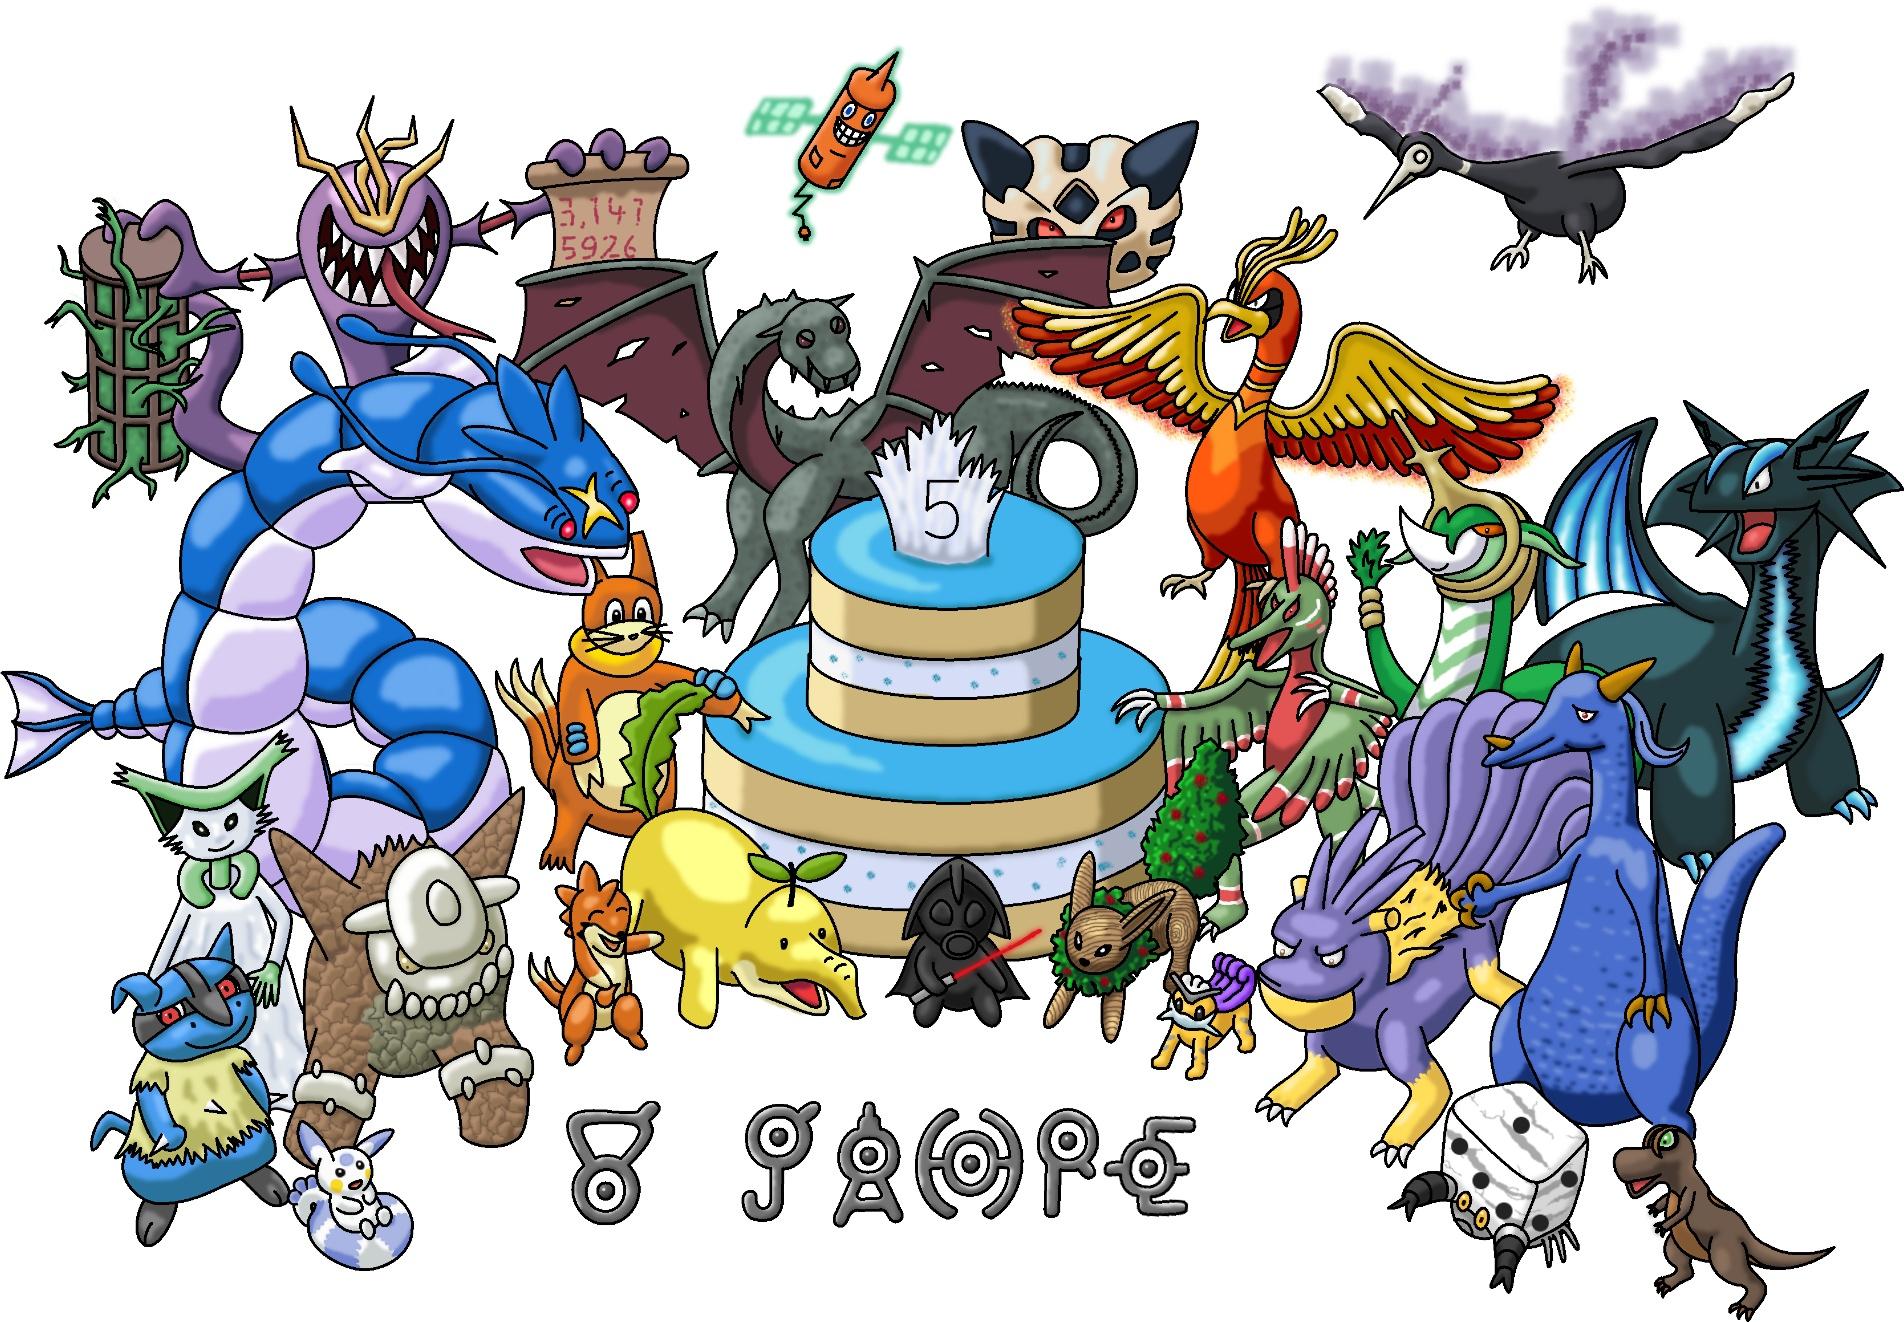 Pokémon-Zeichnung: Geburtstagsfeier in der Galerie